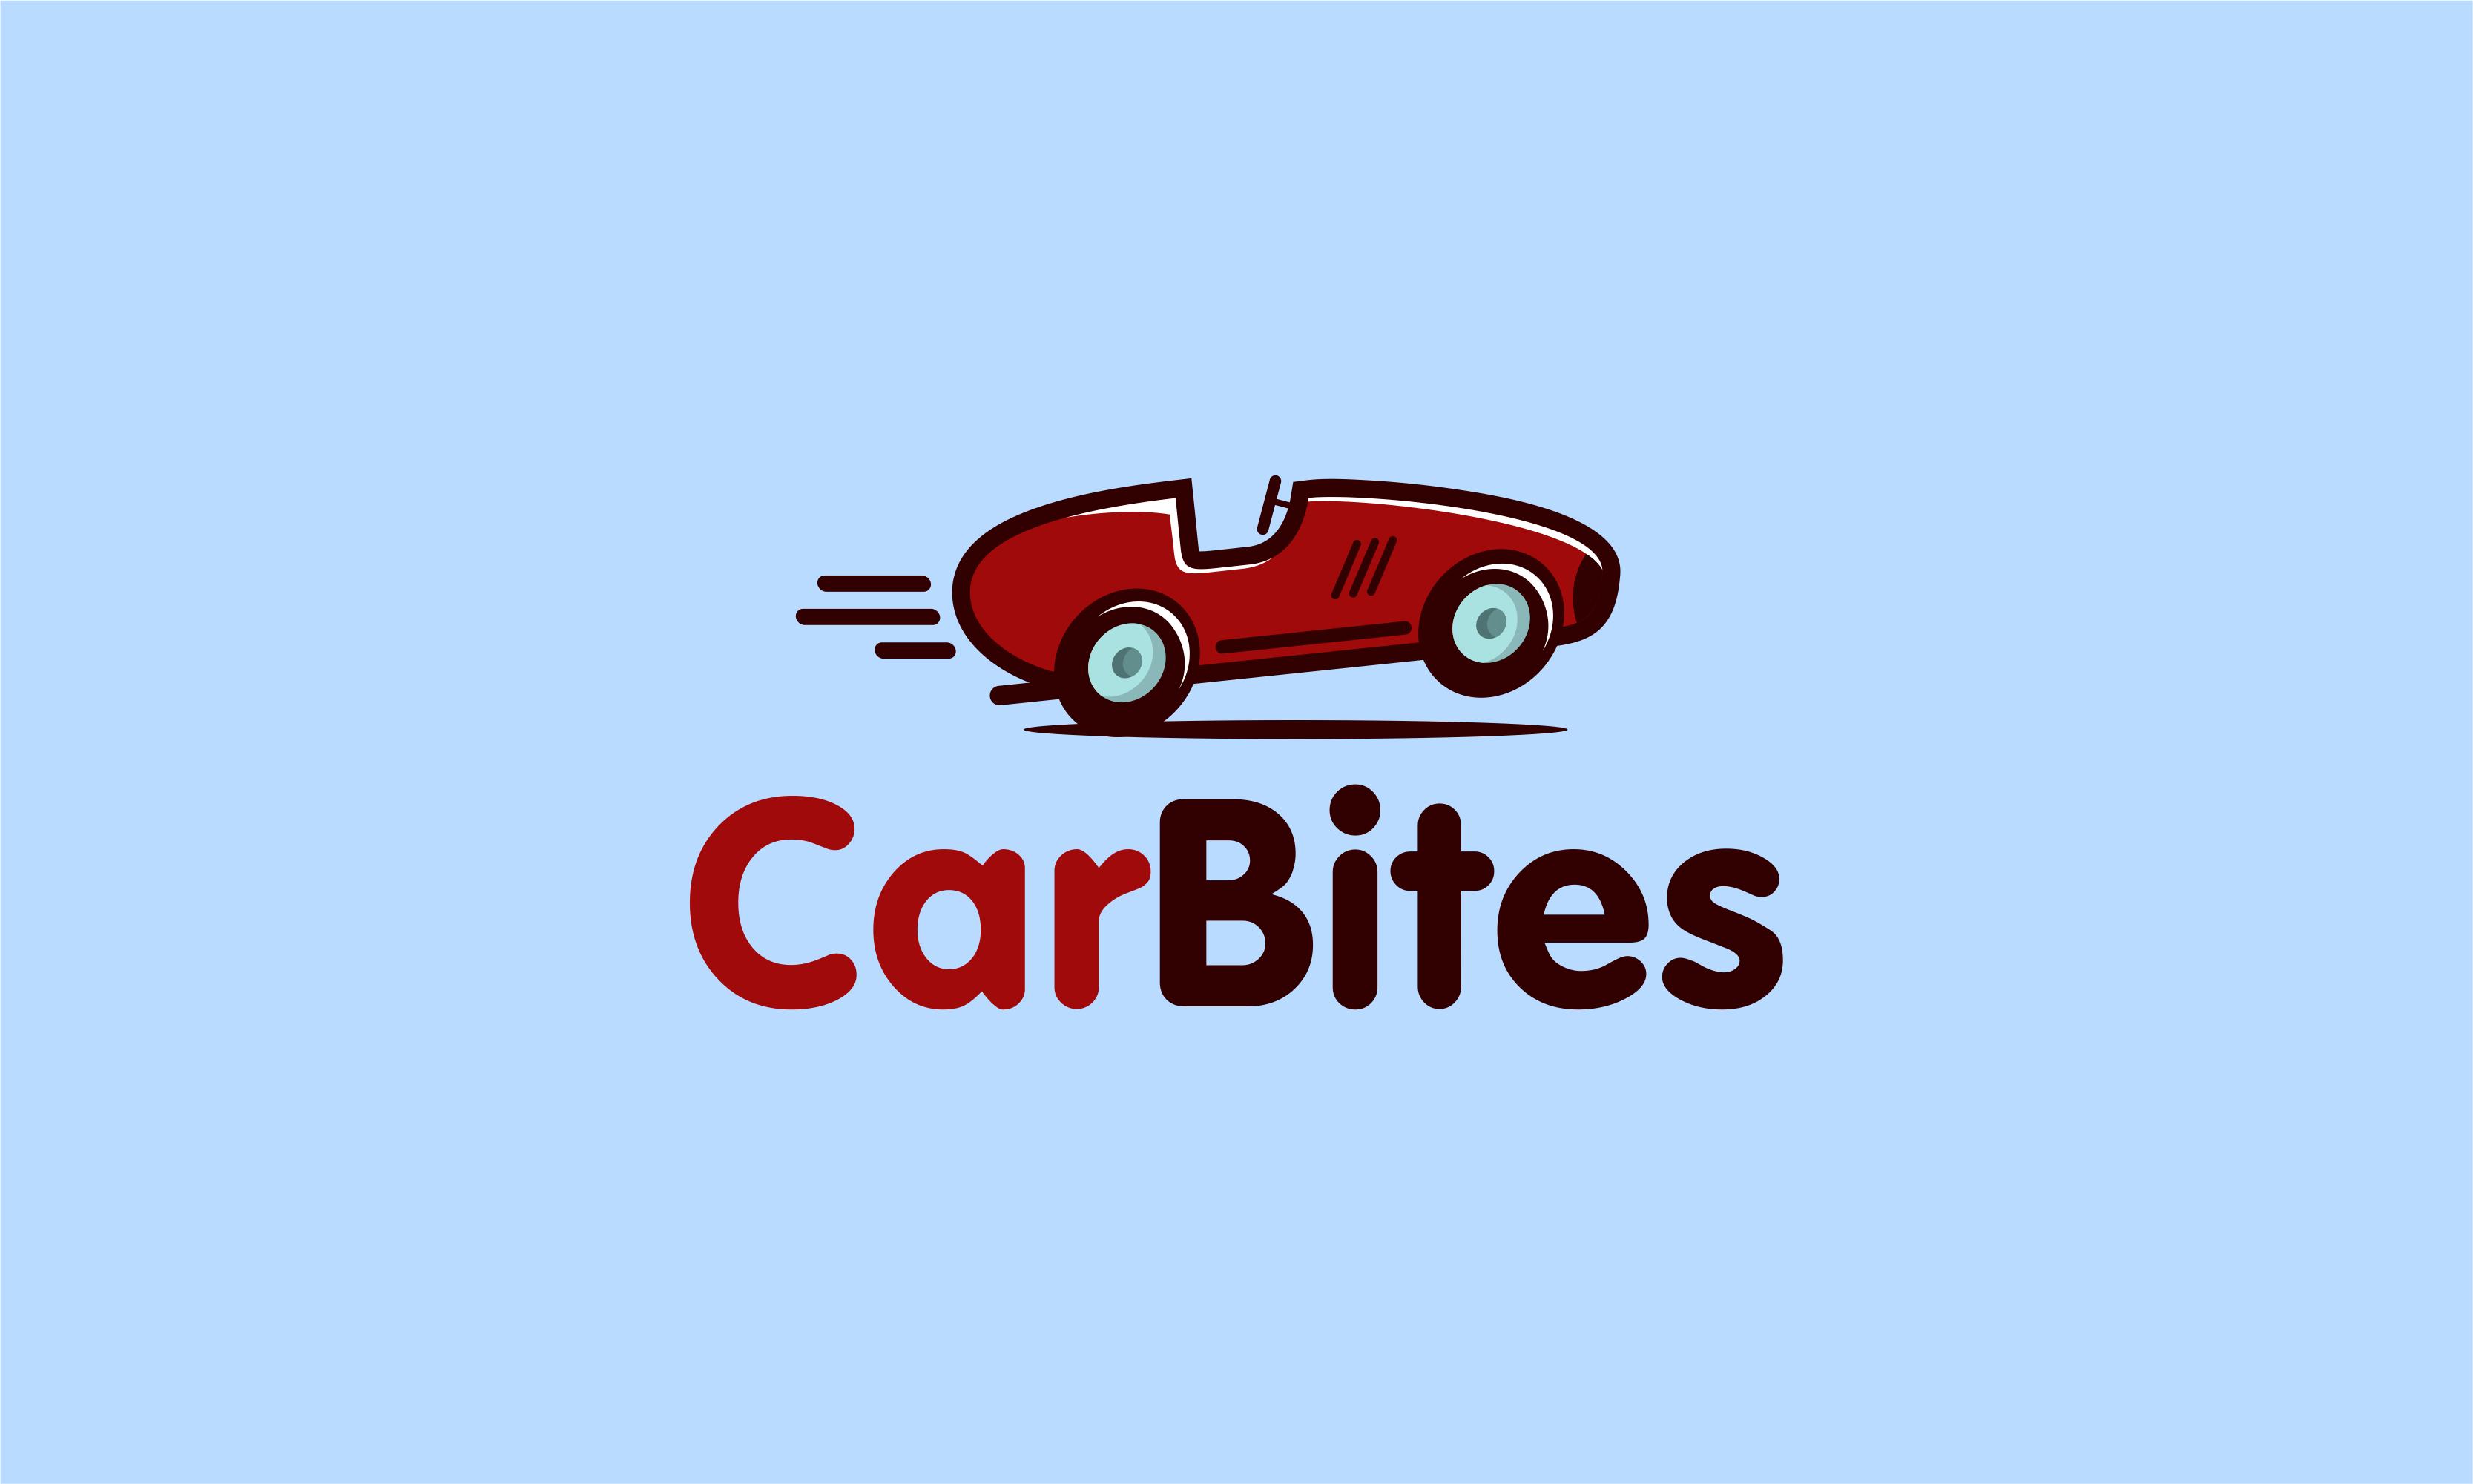 Carbites